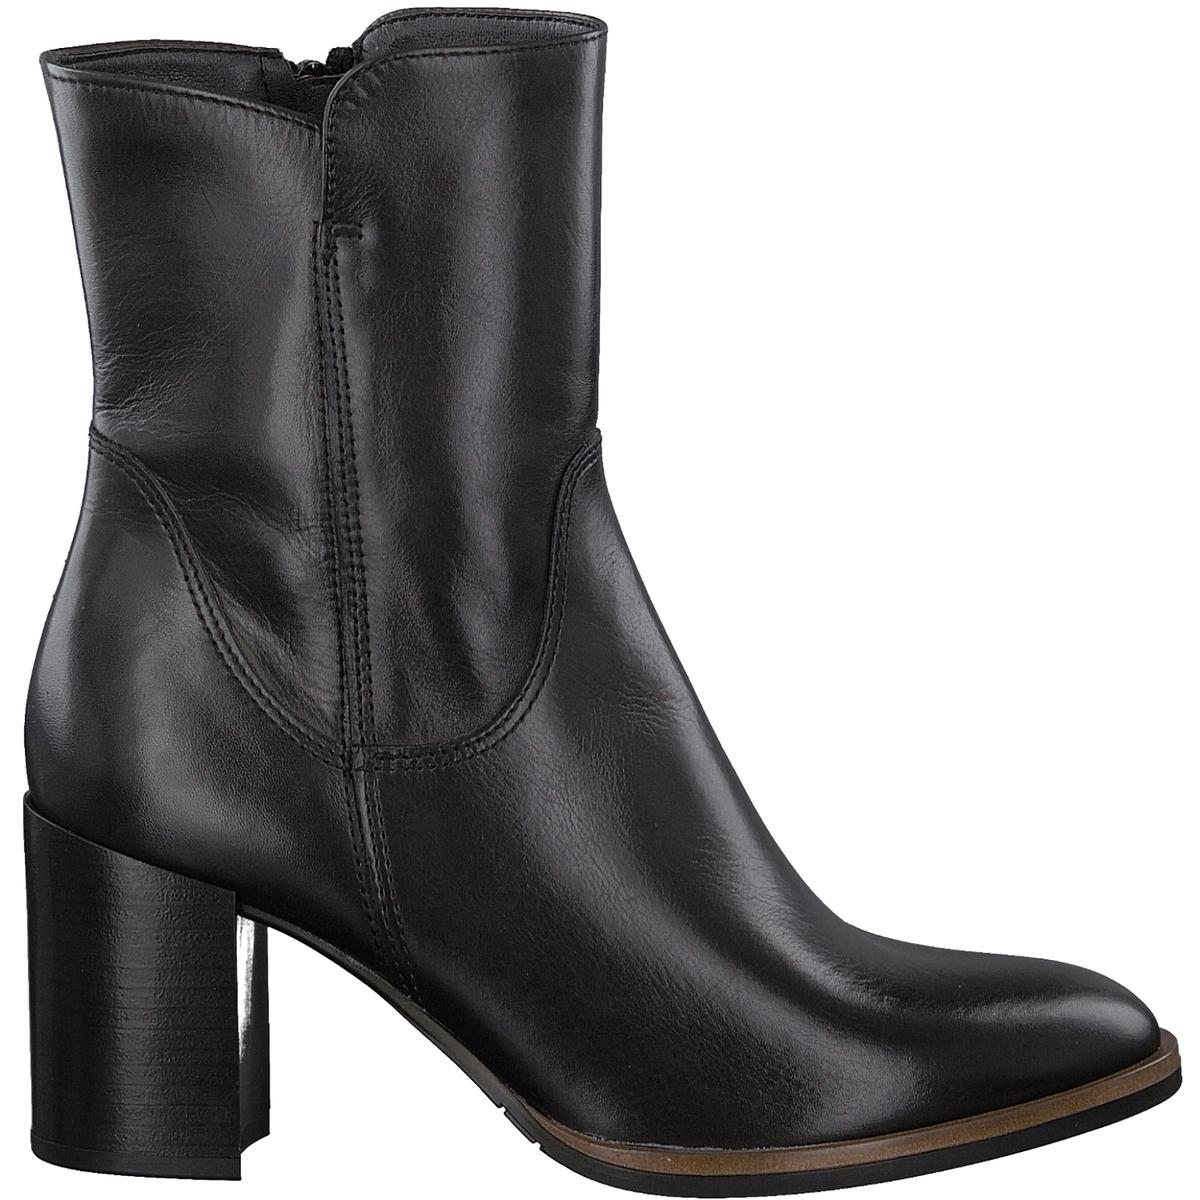 Ботильоны кожаные FenjaДетали •  Высота голенища : 16 см для размера 37 •  Высота каблука : 7,5 см •  Застежка : на молнию •  Круглый мысокСостав и уход •  Верх 100% кожа •  Подкладка 100% текстиль •  Стелька 50% синтетического материала, 50% текстиля<br><br>Цвет: черный<br>Размер: 41